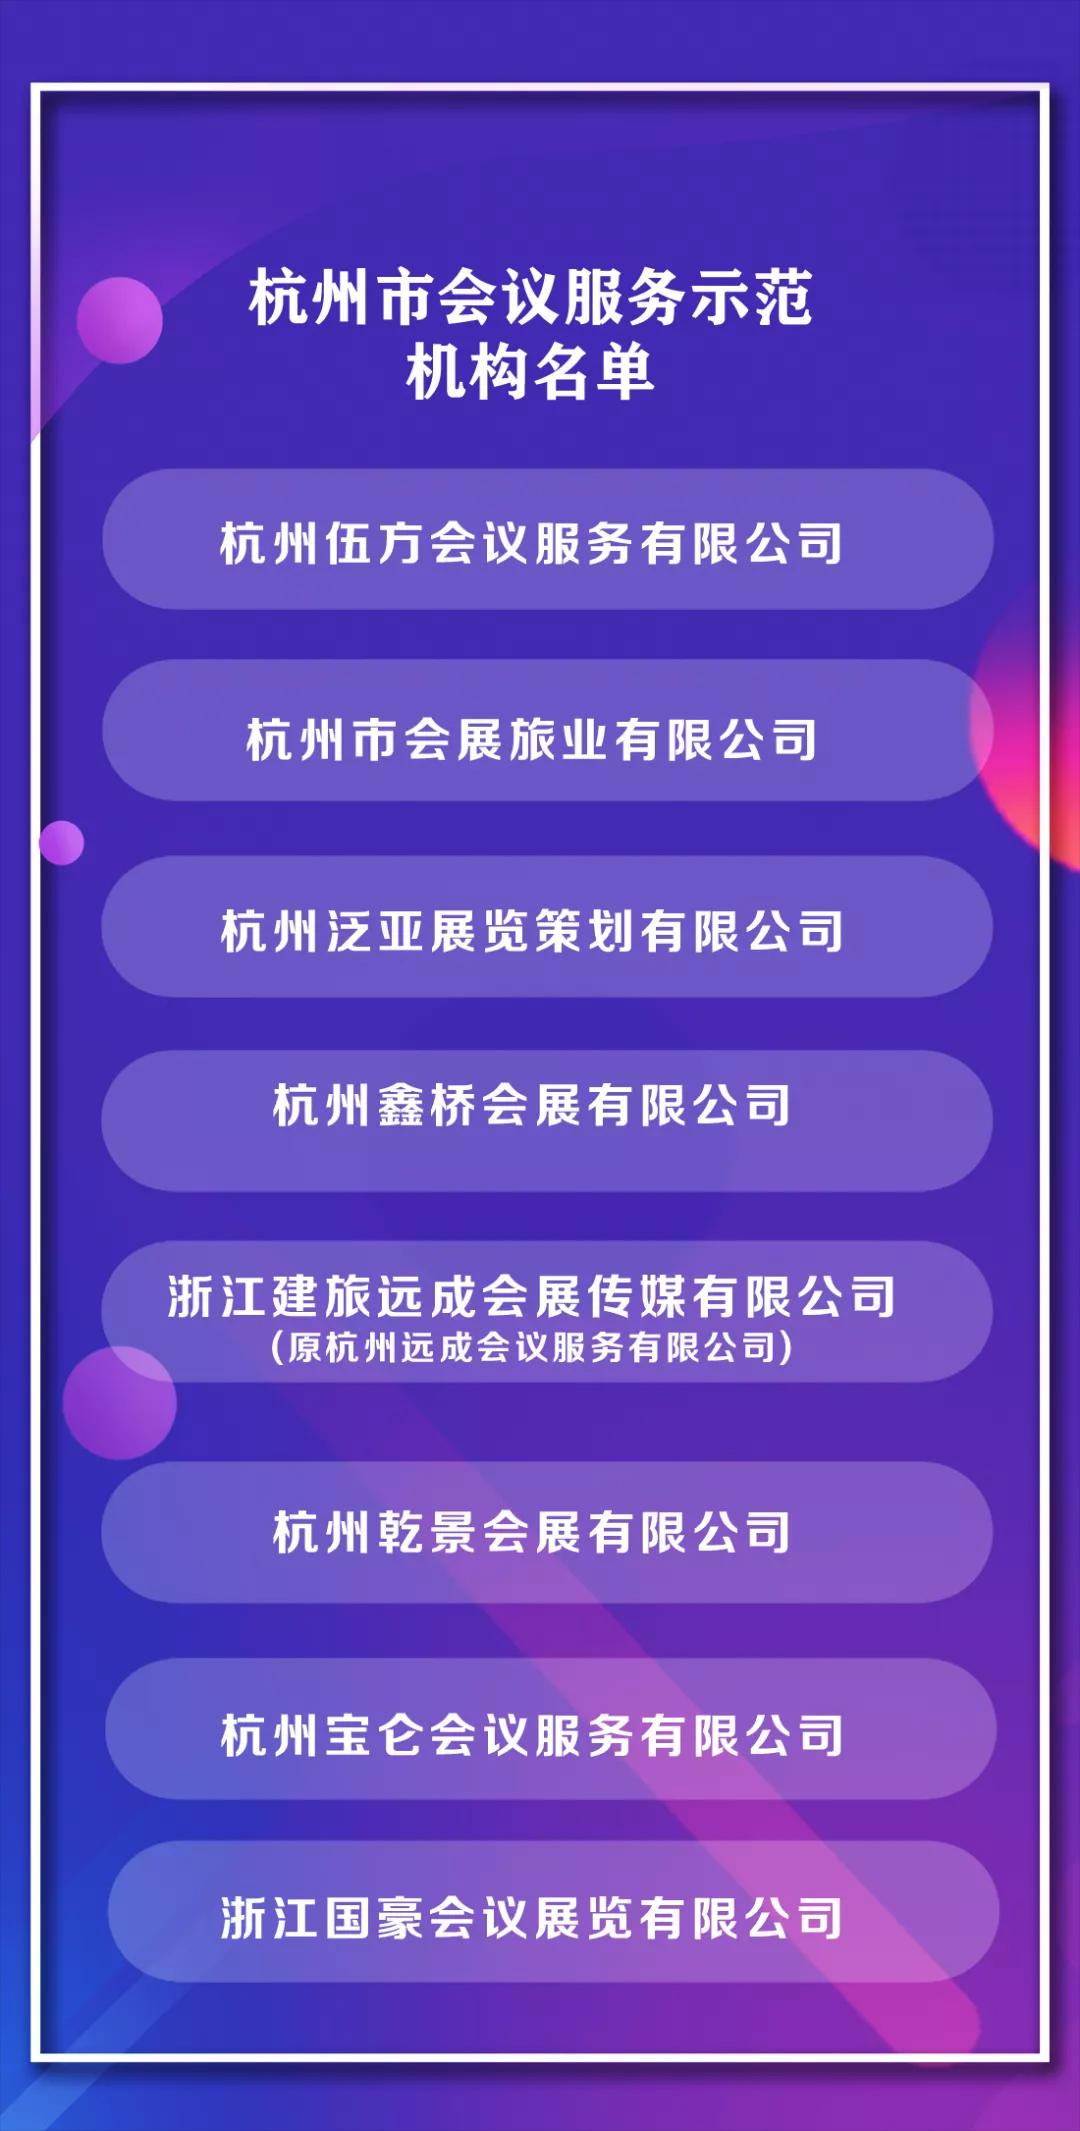 杭州会议服务示范机构名单